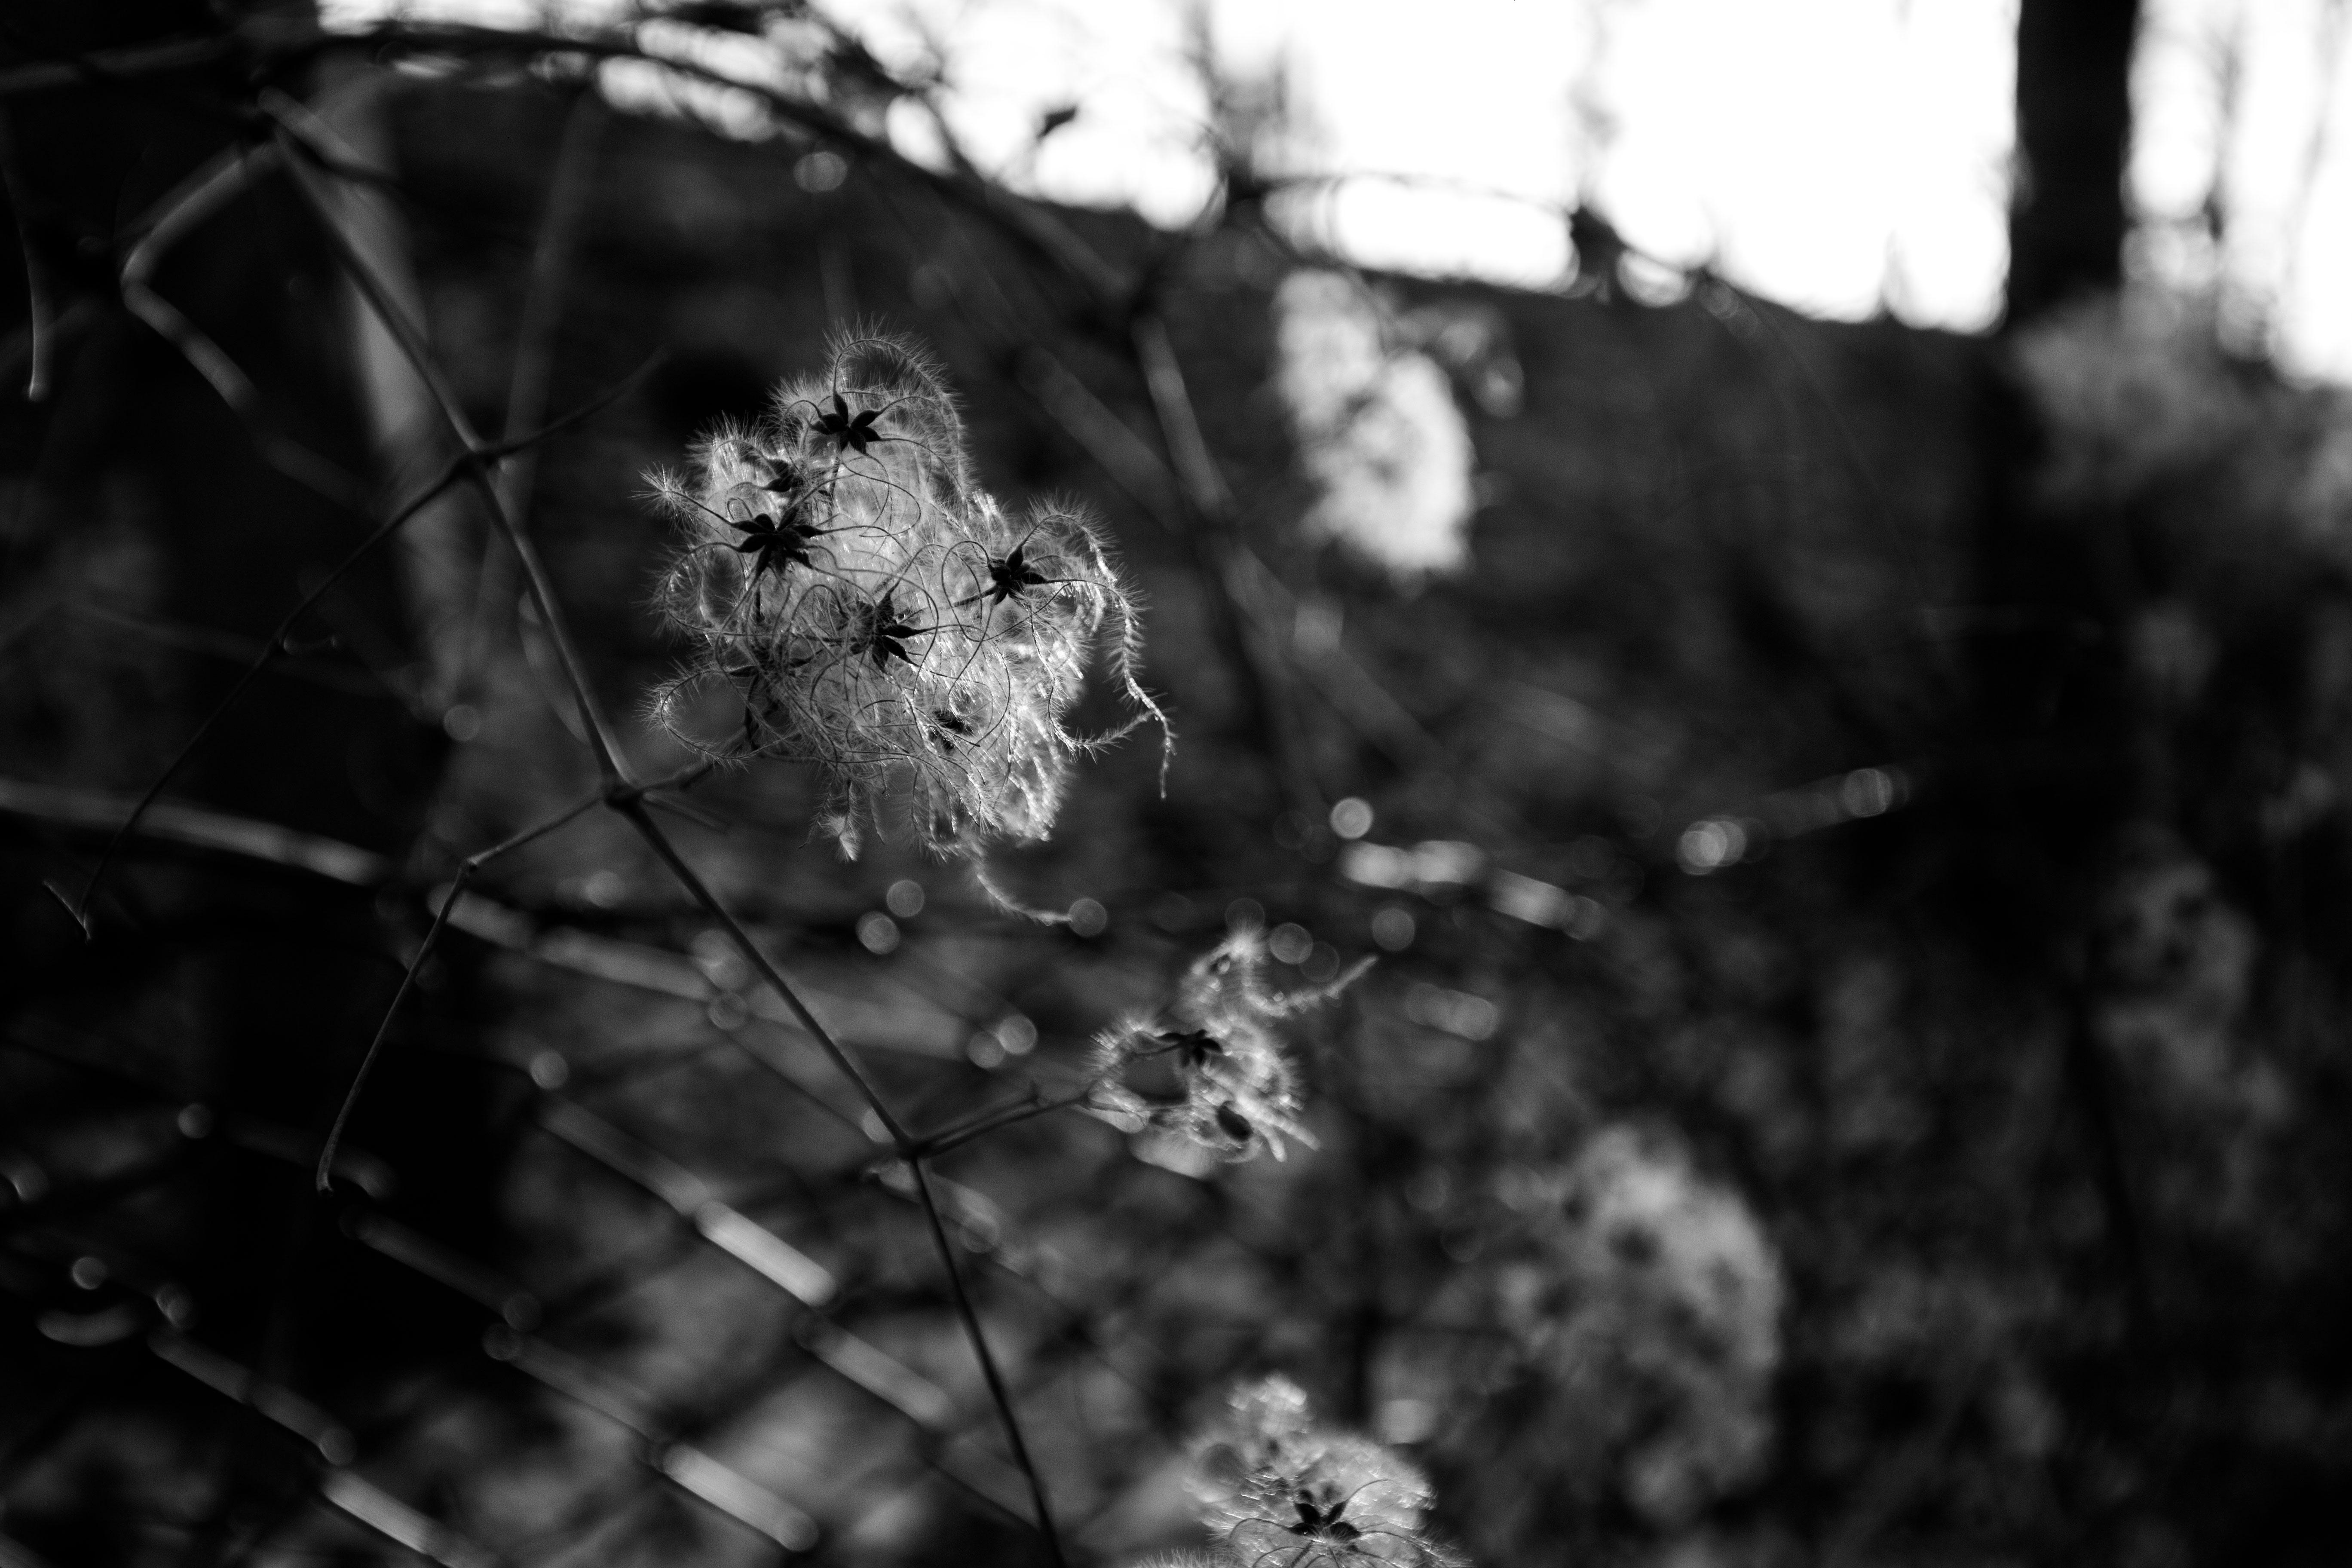 stars_on_a_tree_6366